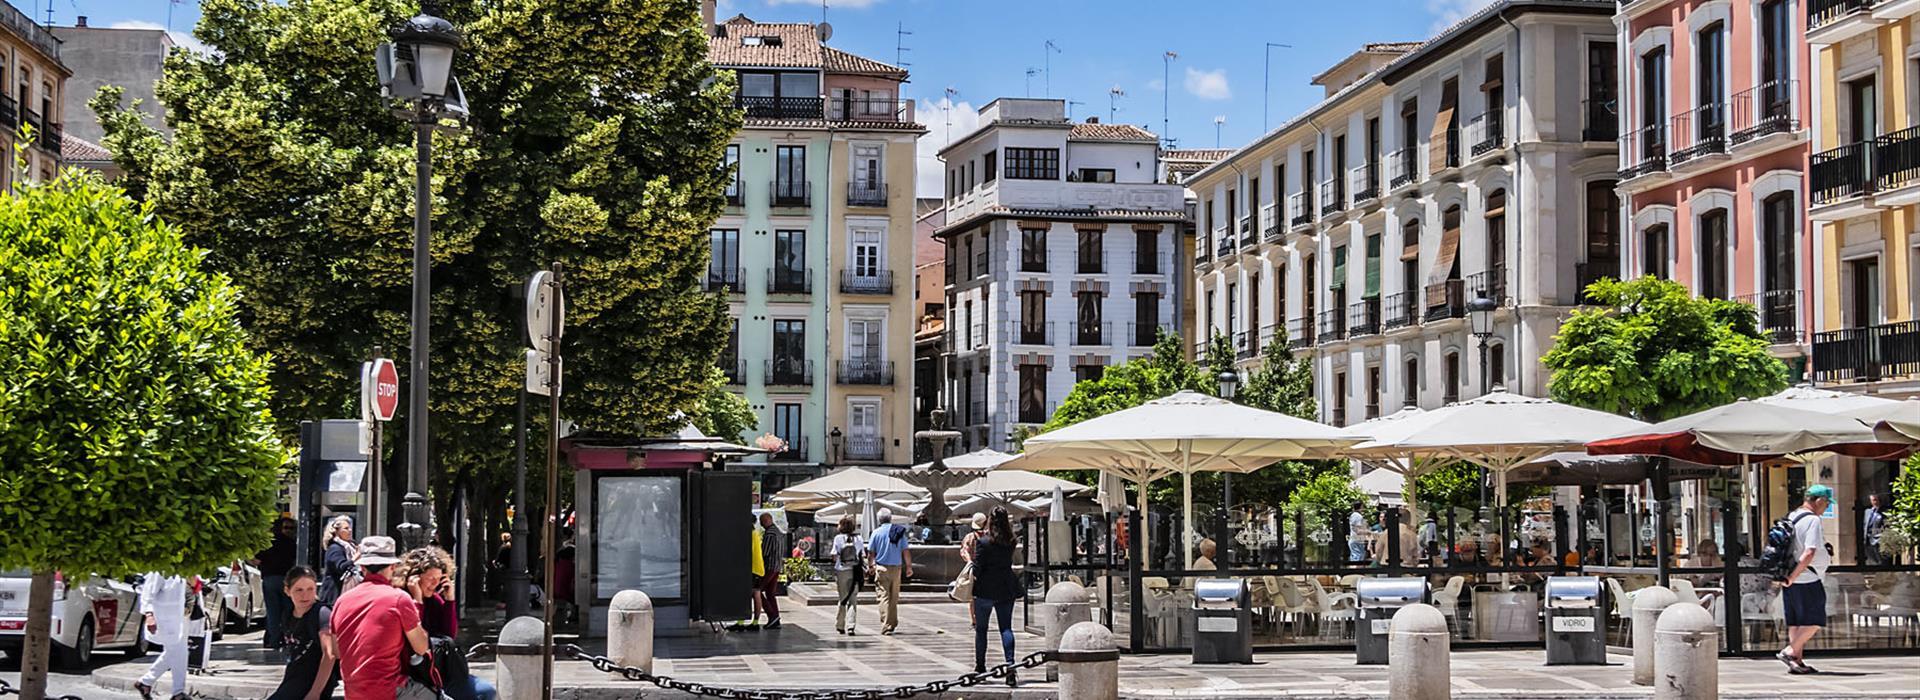 Spain-Granada_1223051527